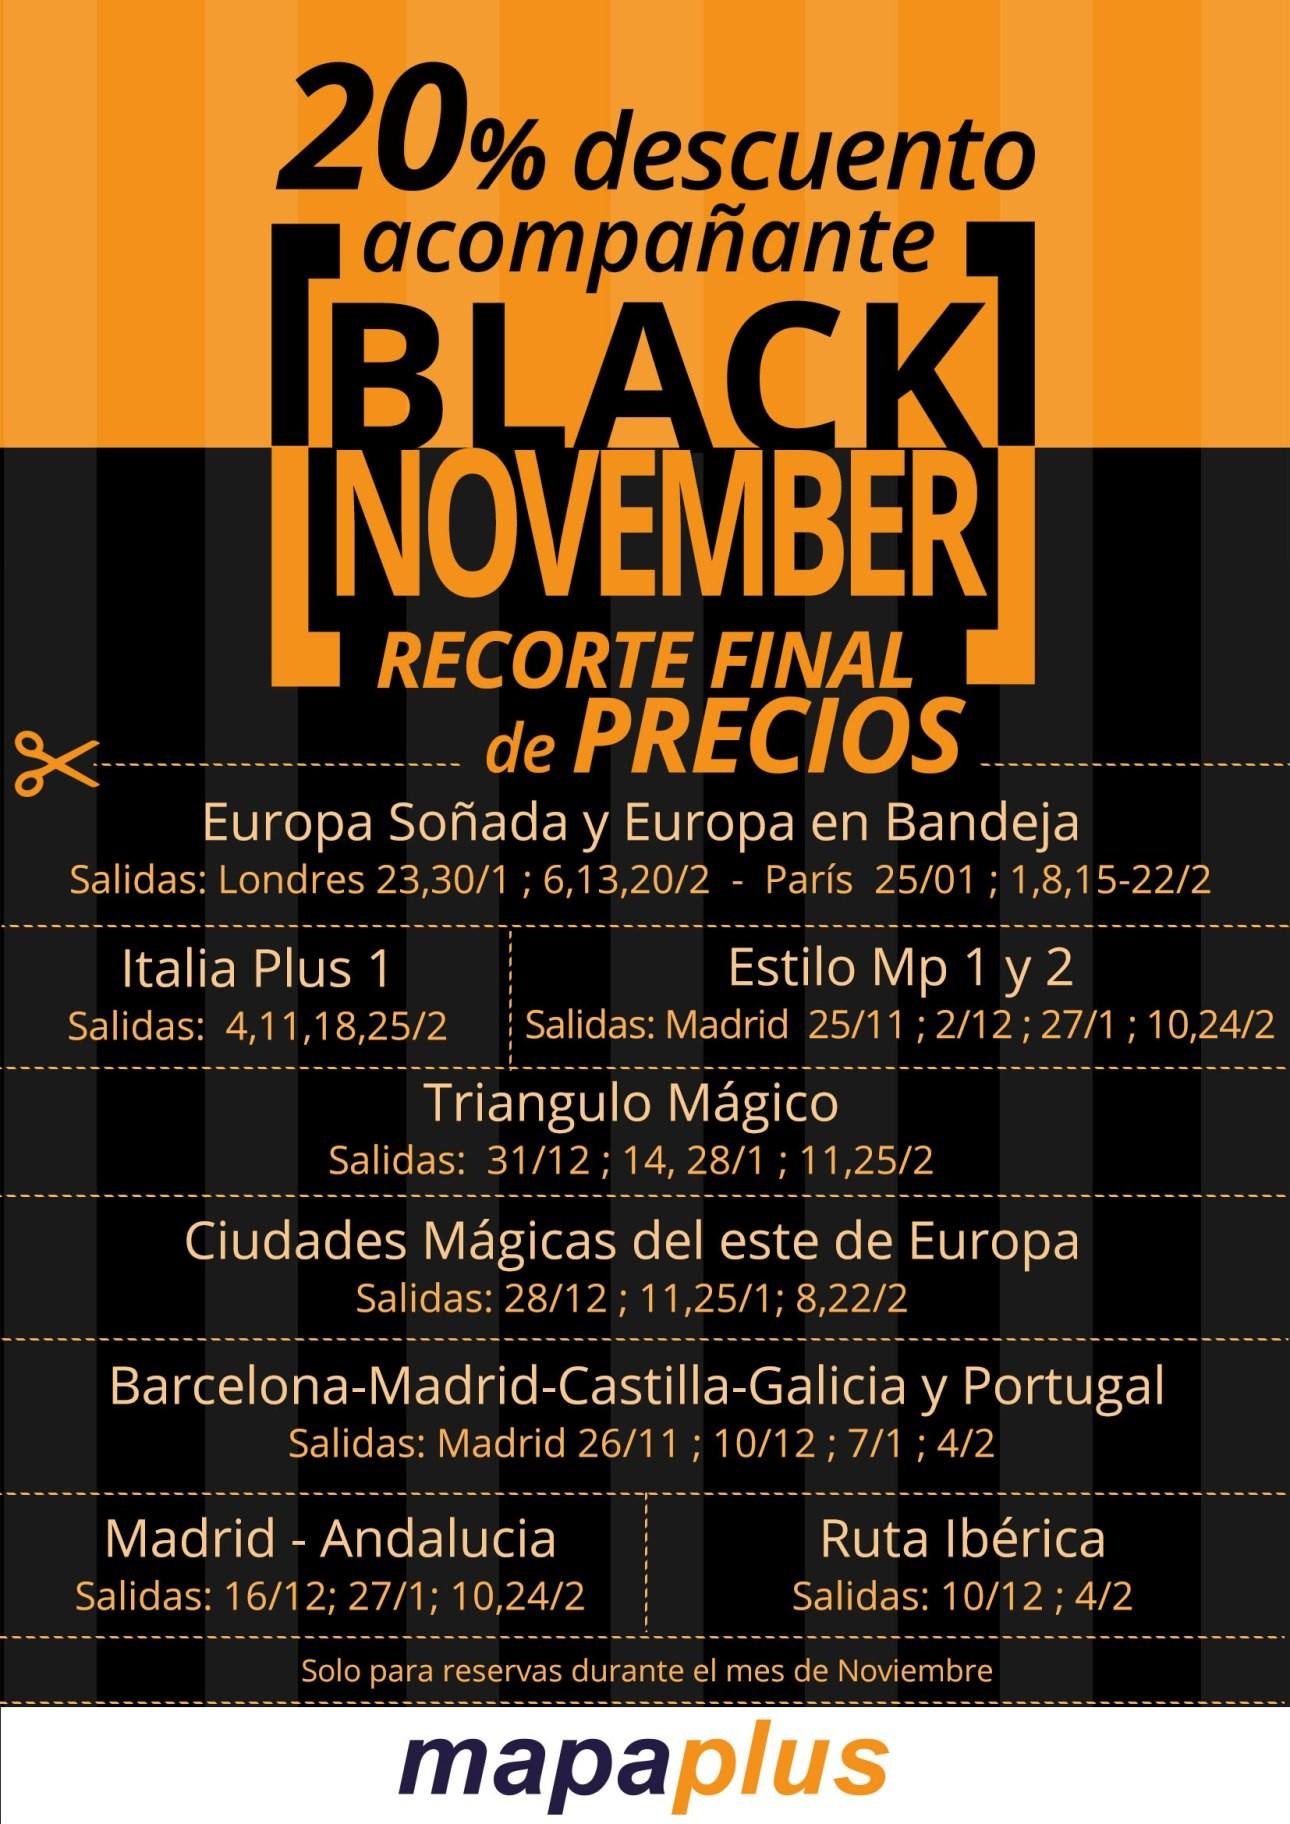 Calendario 2019 Semana Santa Más Arriba-a-fecha Directory Flyers Promociones Of Calendario 2019 Semana Santa Más Recientes Calendario Dr 2019 Espanol Calendario 2019 Archivo Imagenes